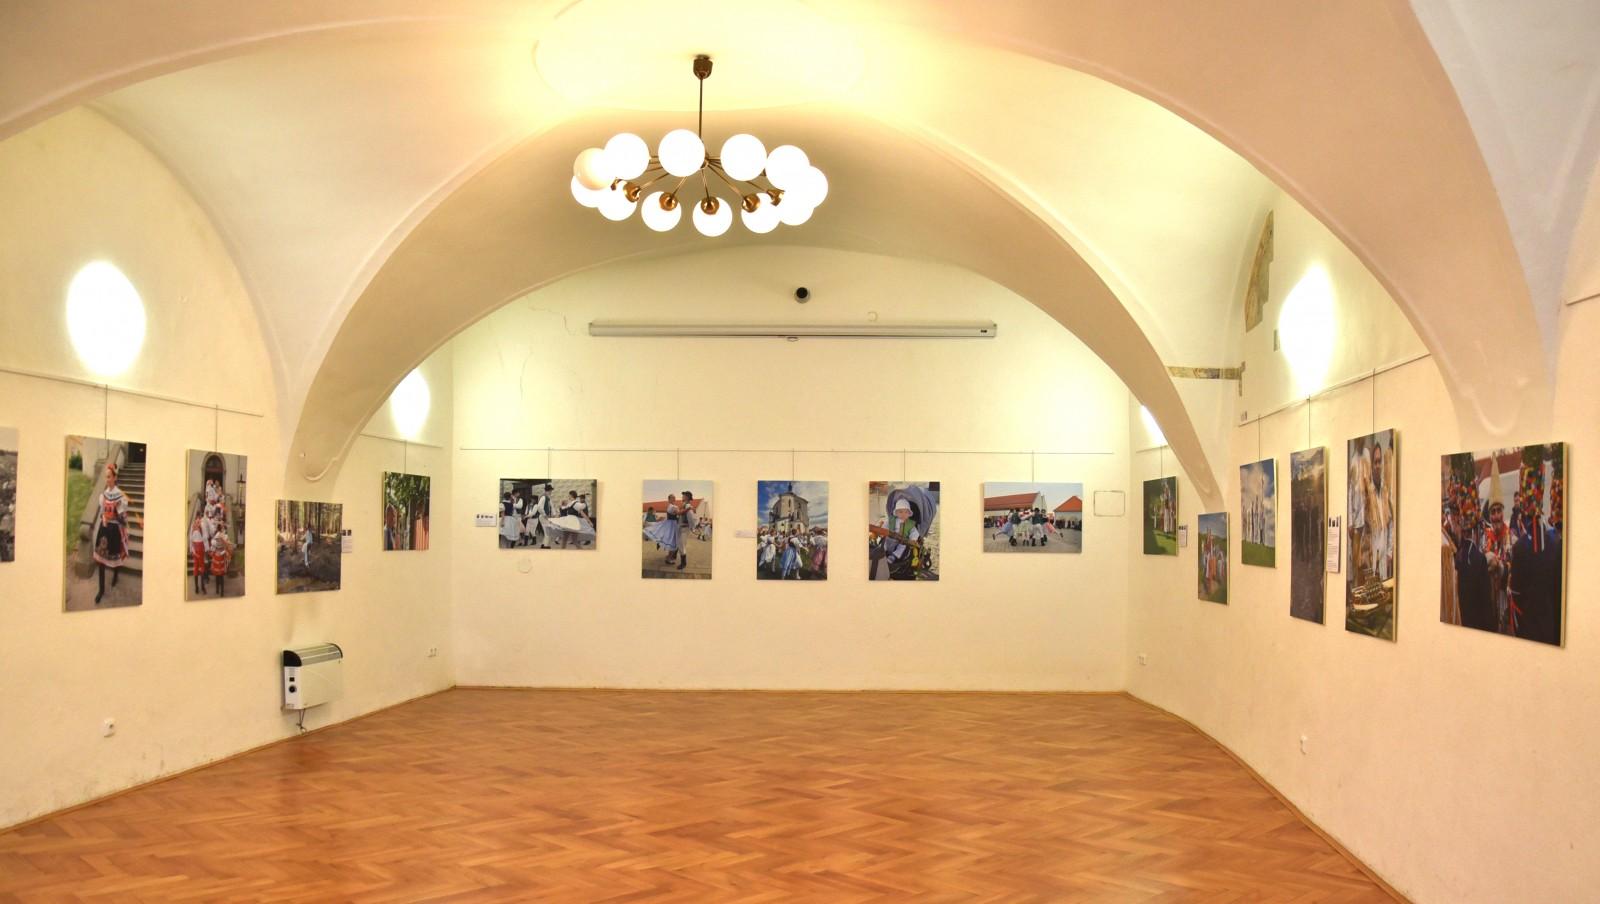 """Fotovýstava """"Výroční obyčeje česko-rakouského příhraničí"""" aktuálně ve Znojmě!"""